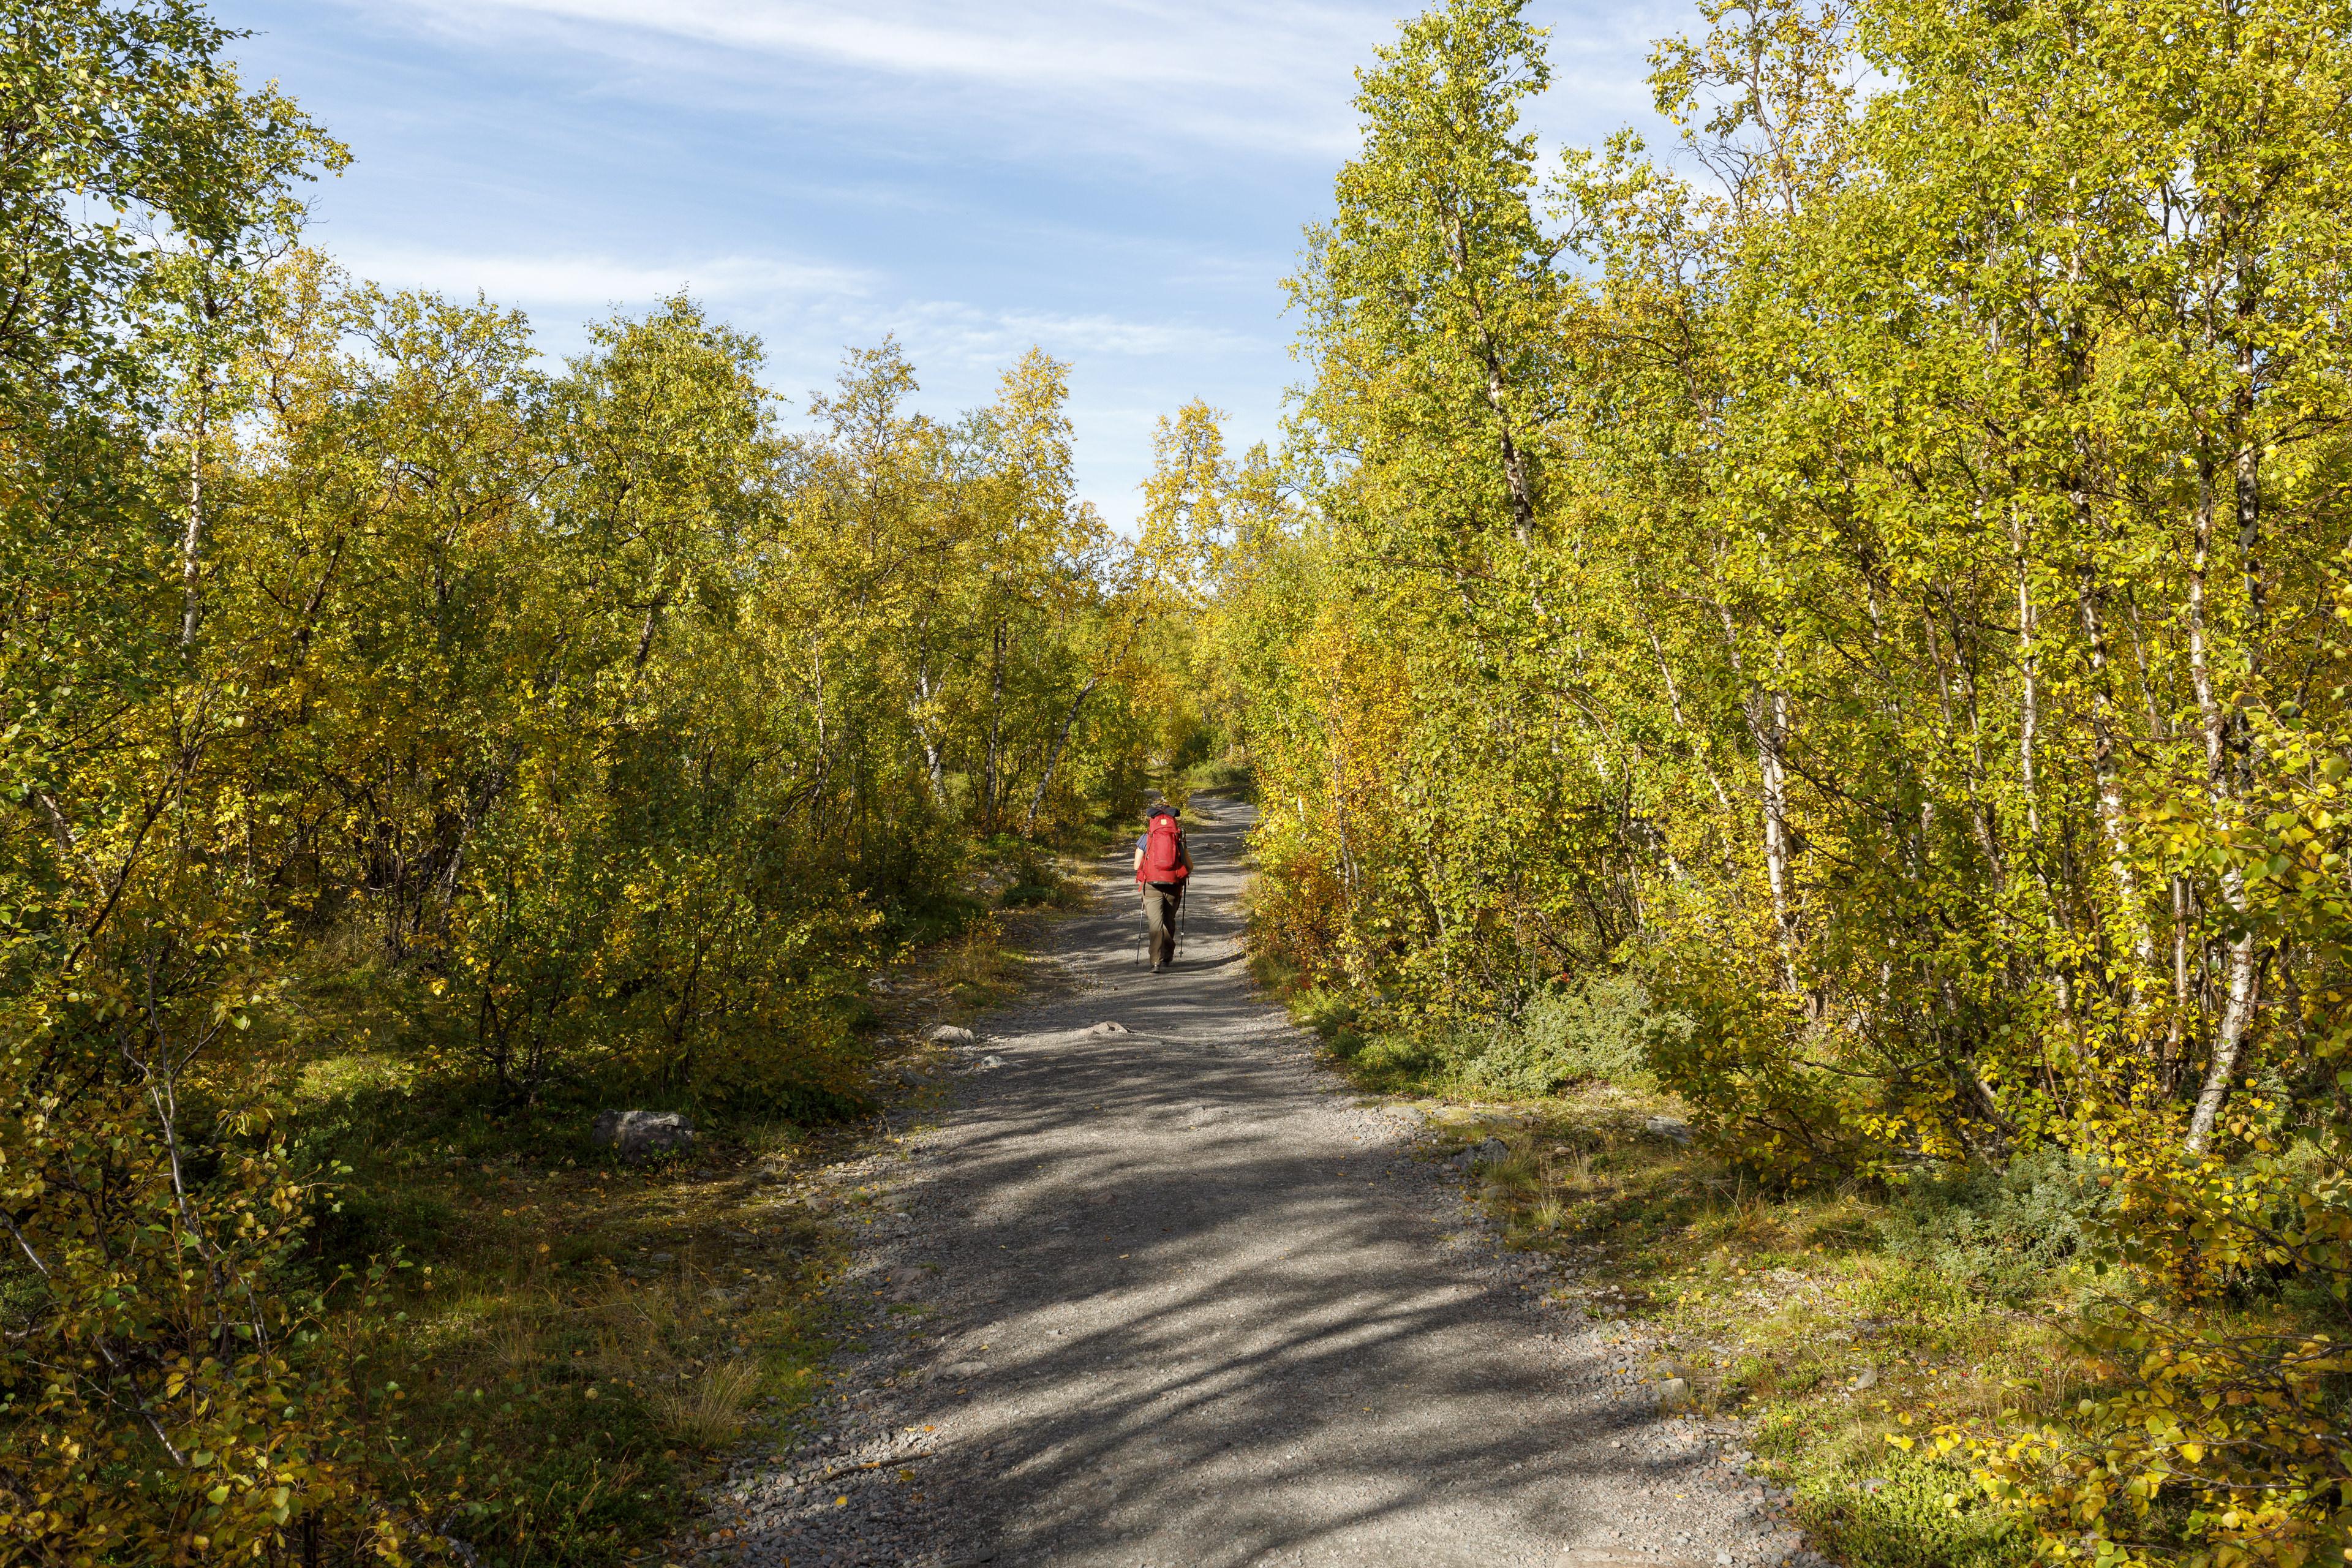 Elisabeth auf dem breiten Weg durch den Birkenwald,©Markus Proske—Canon EOS 5D Mark IV, EF16-35mm f/4L IS USM, 35mm, 1/100s, Blende 8, ISO 200